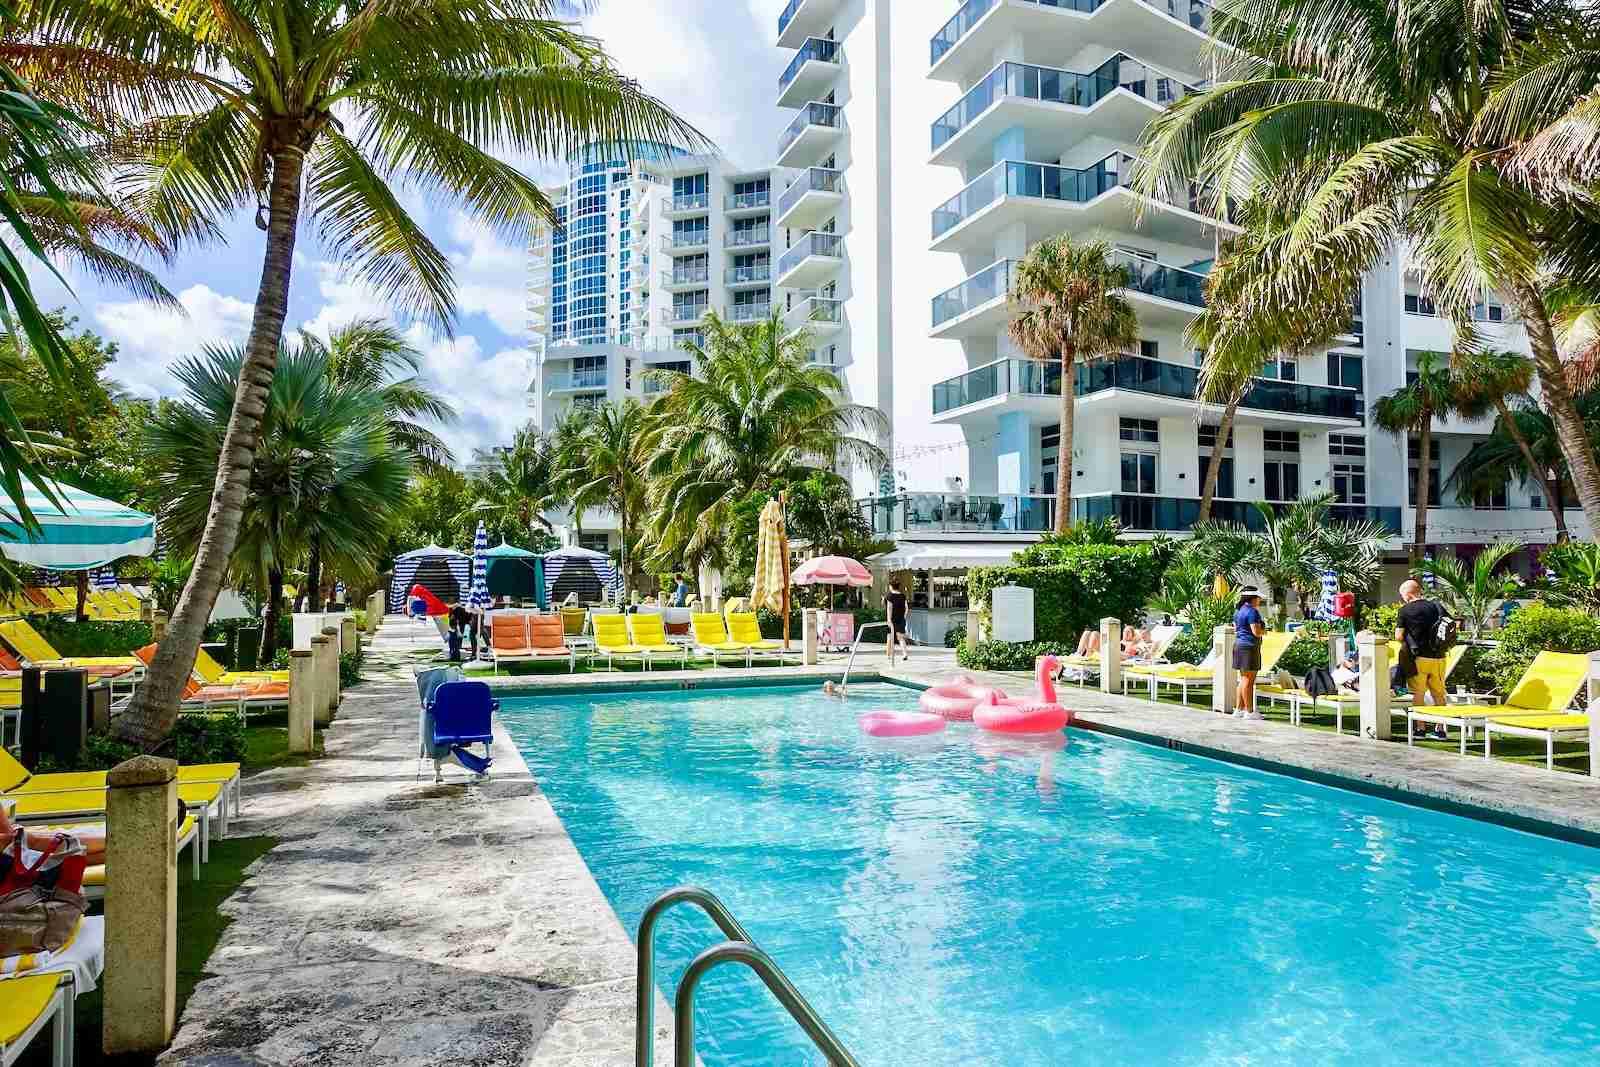 Confidante Miami (Photo by Benji Stawski/The Points Guy)